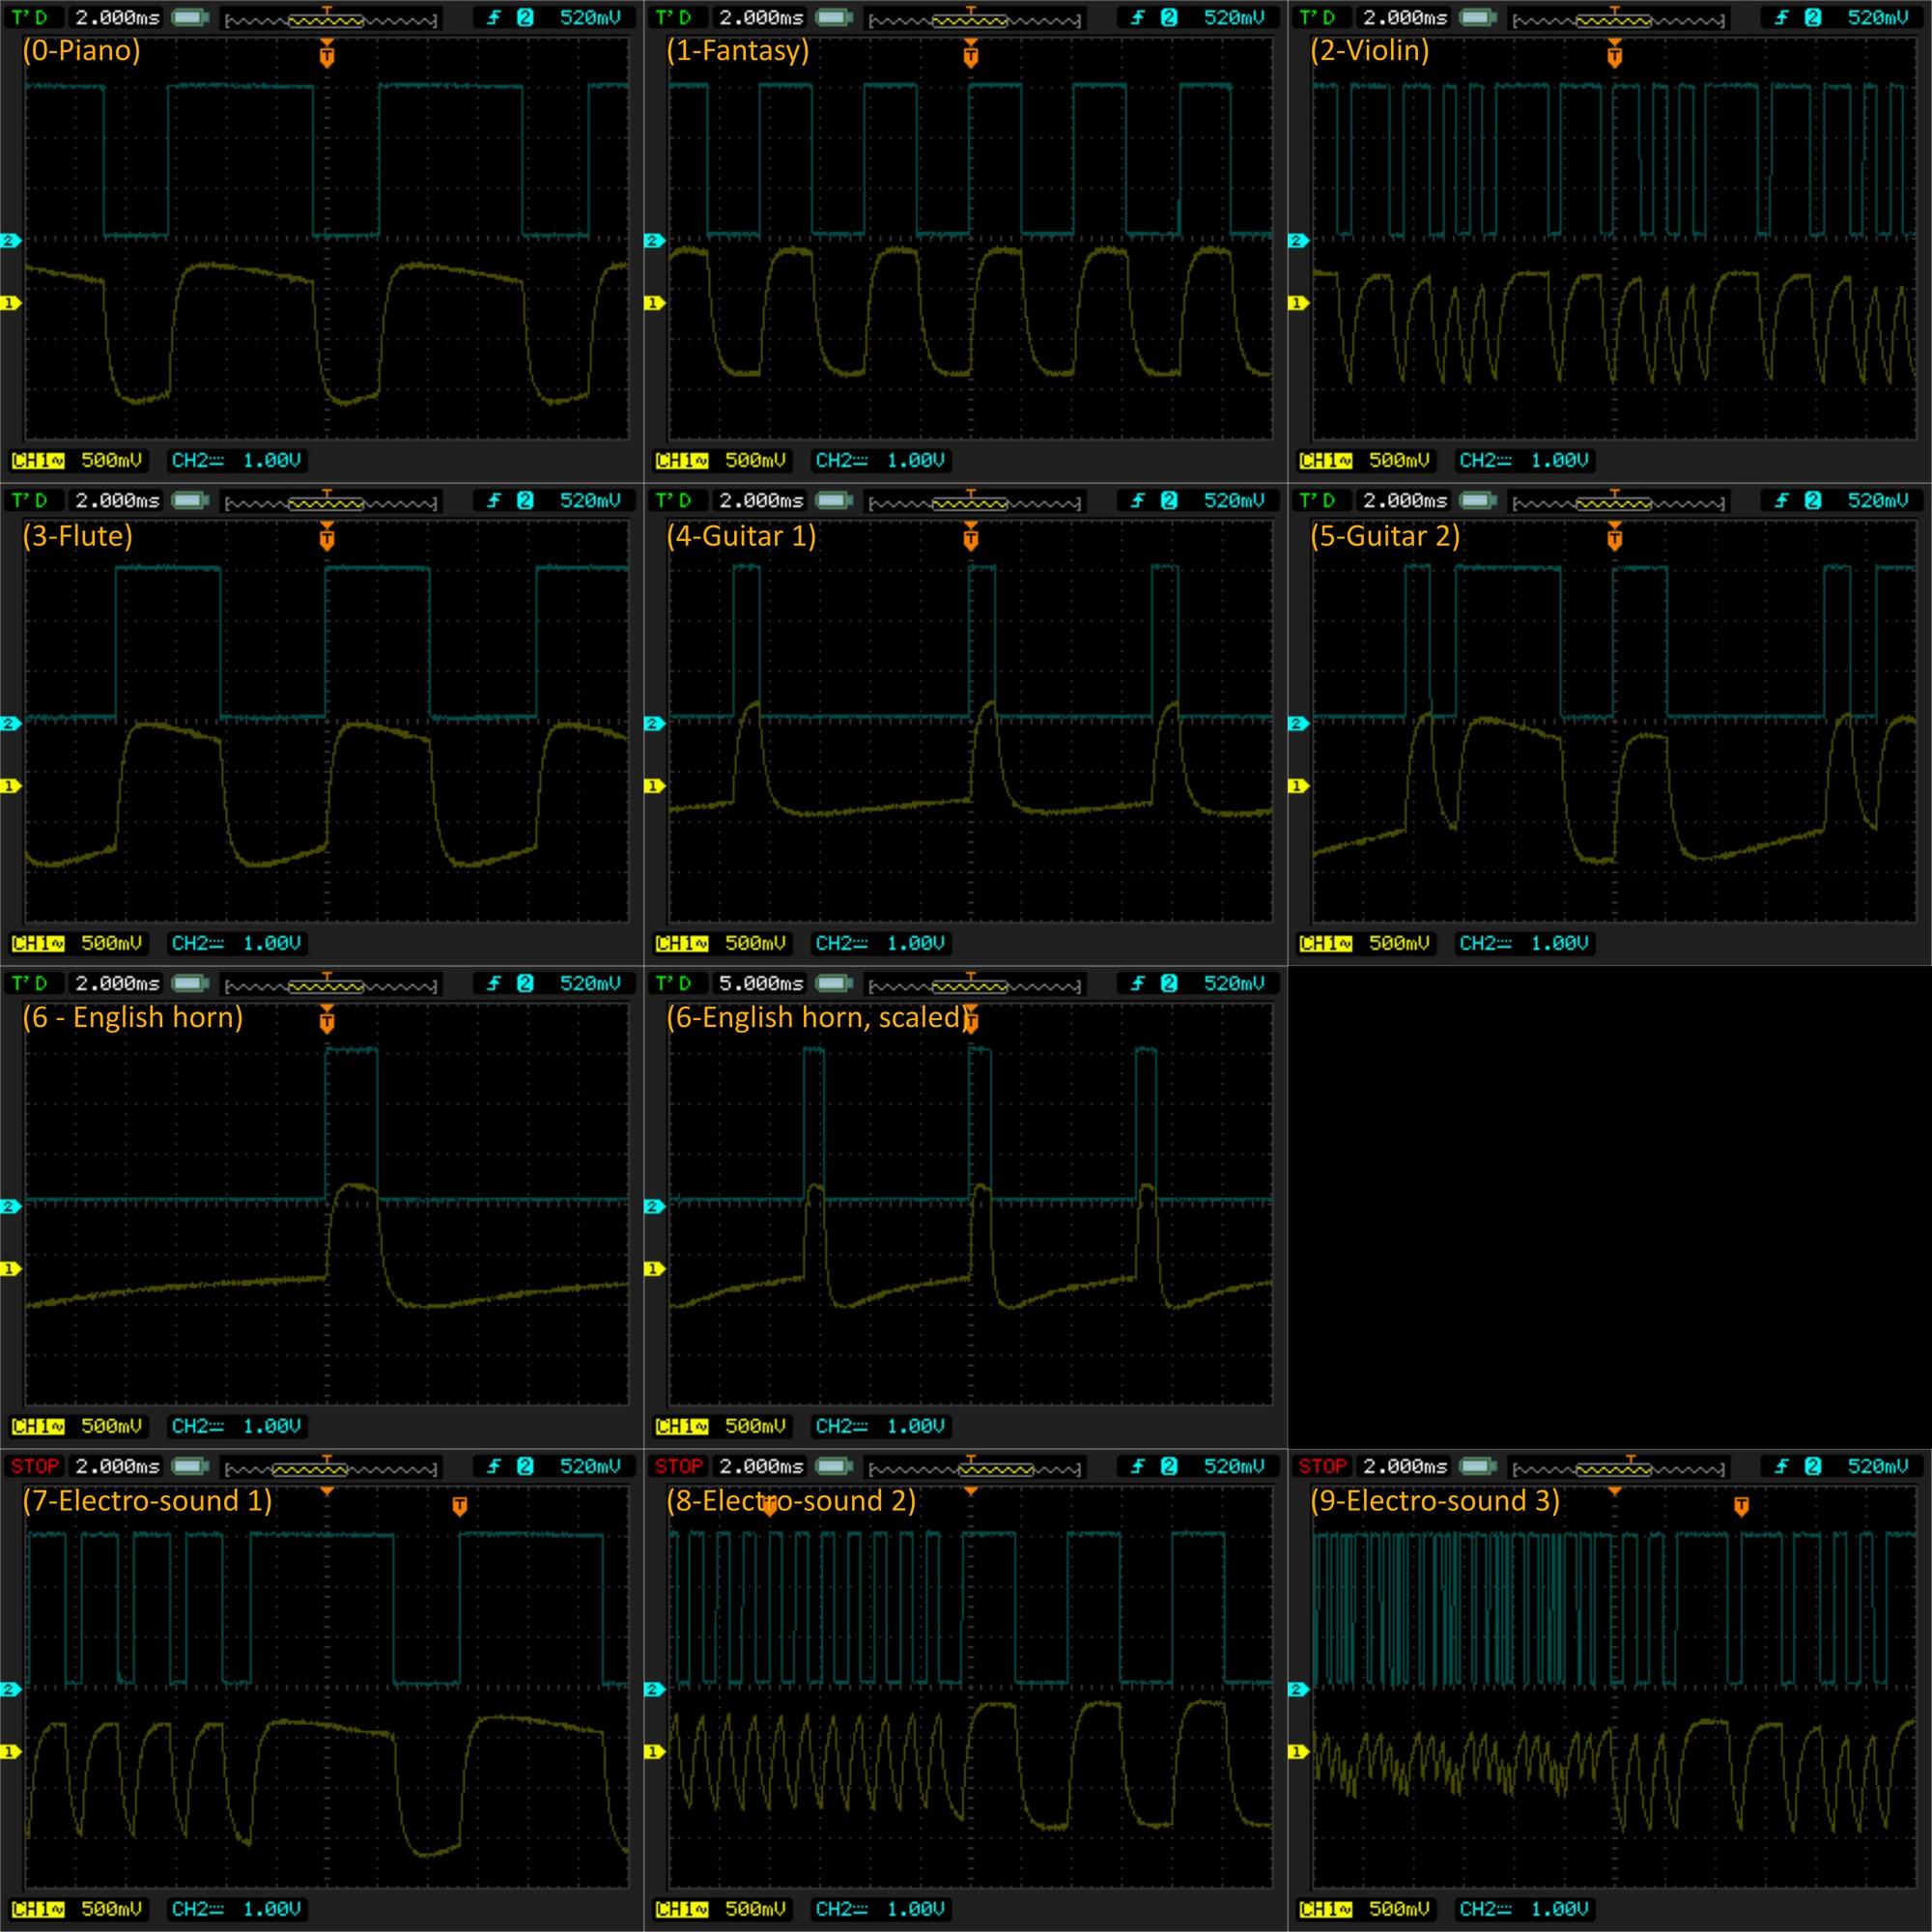 ADSR waveforms